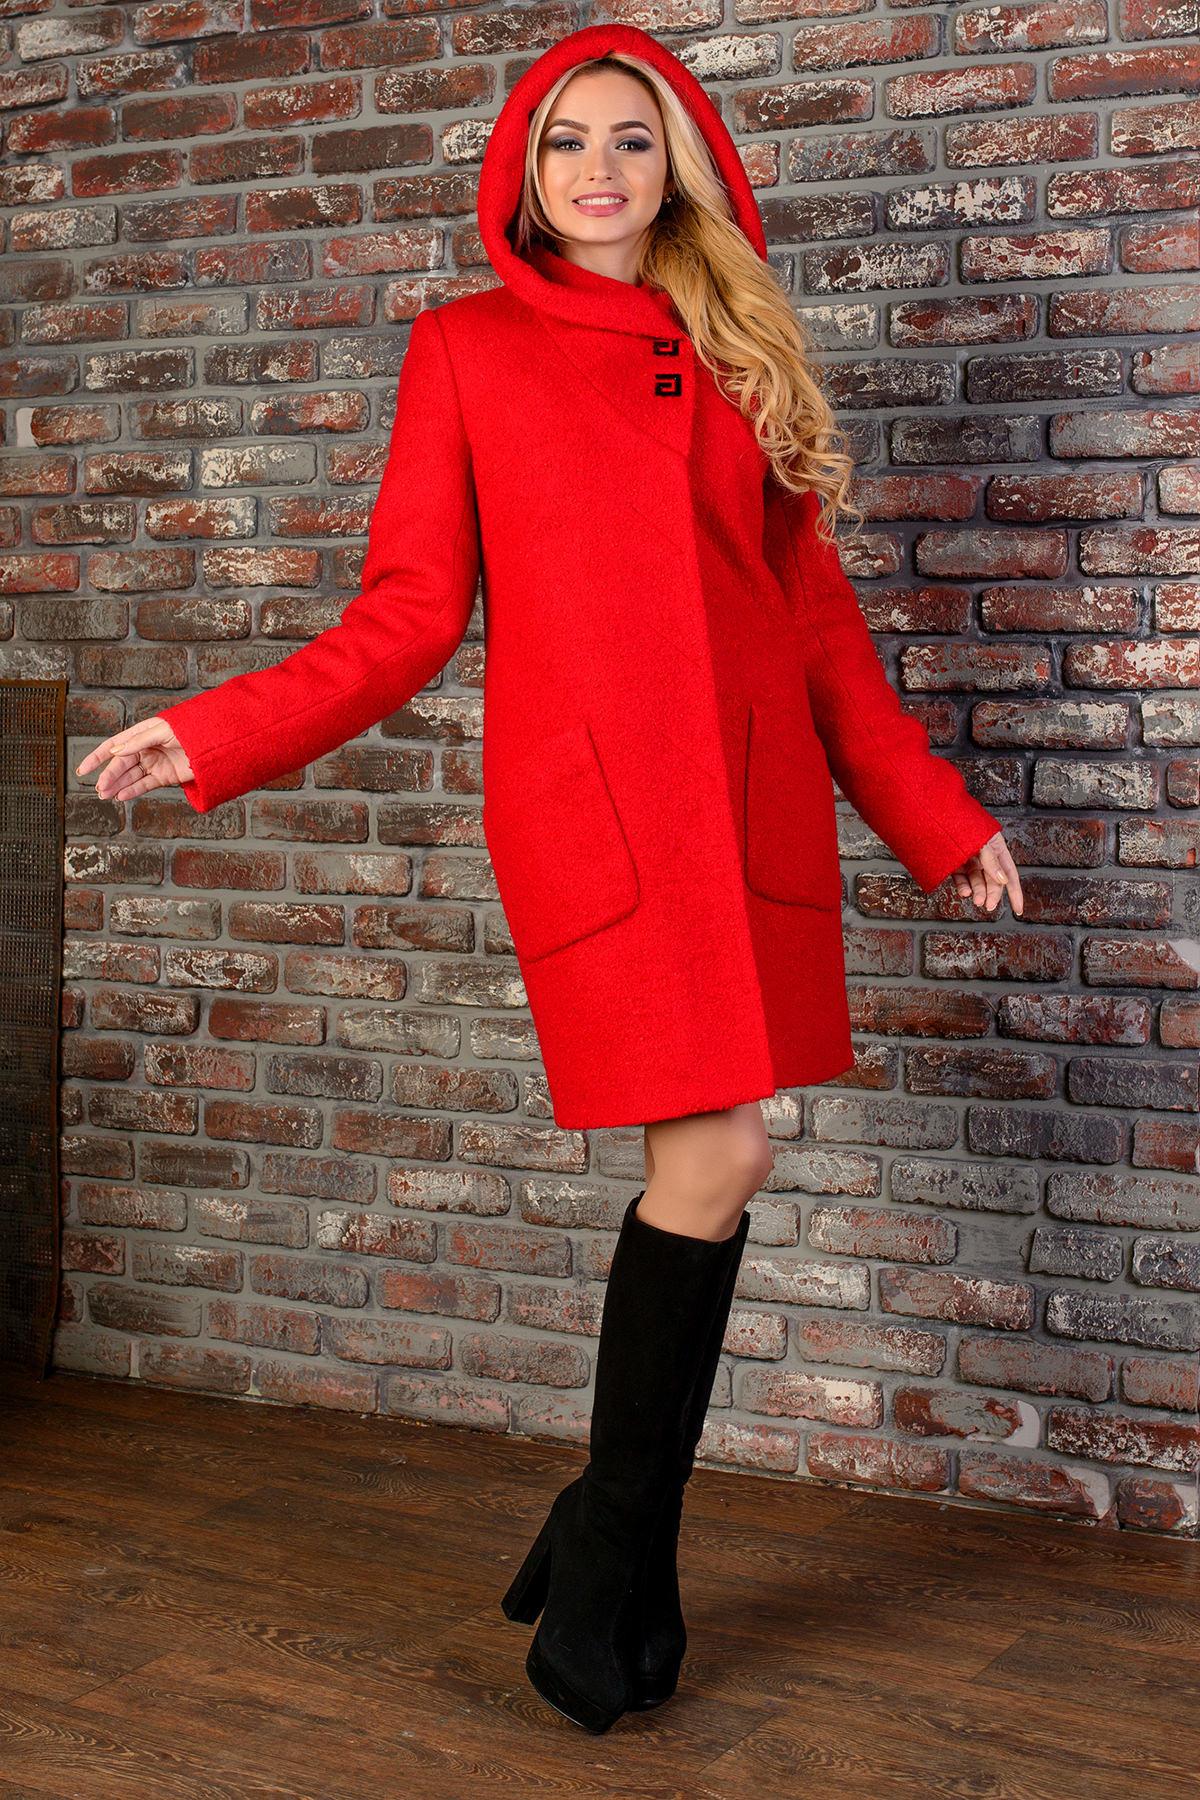 купить зимнее пальто от производителей Пальто зима Делфи 0650